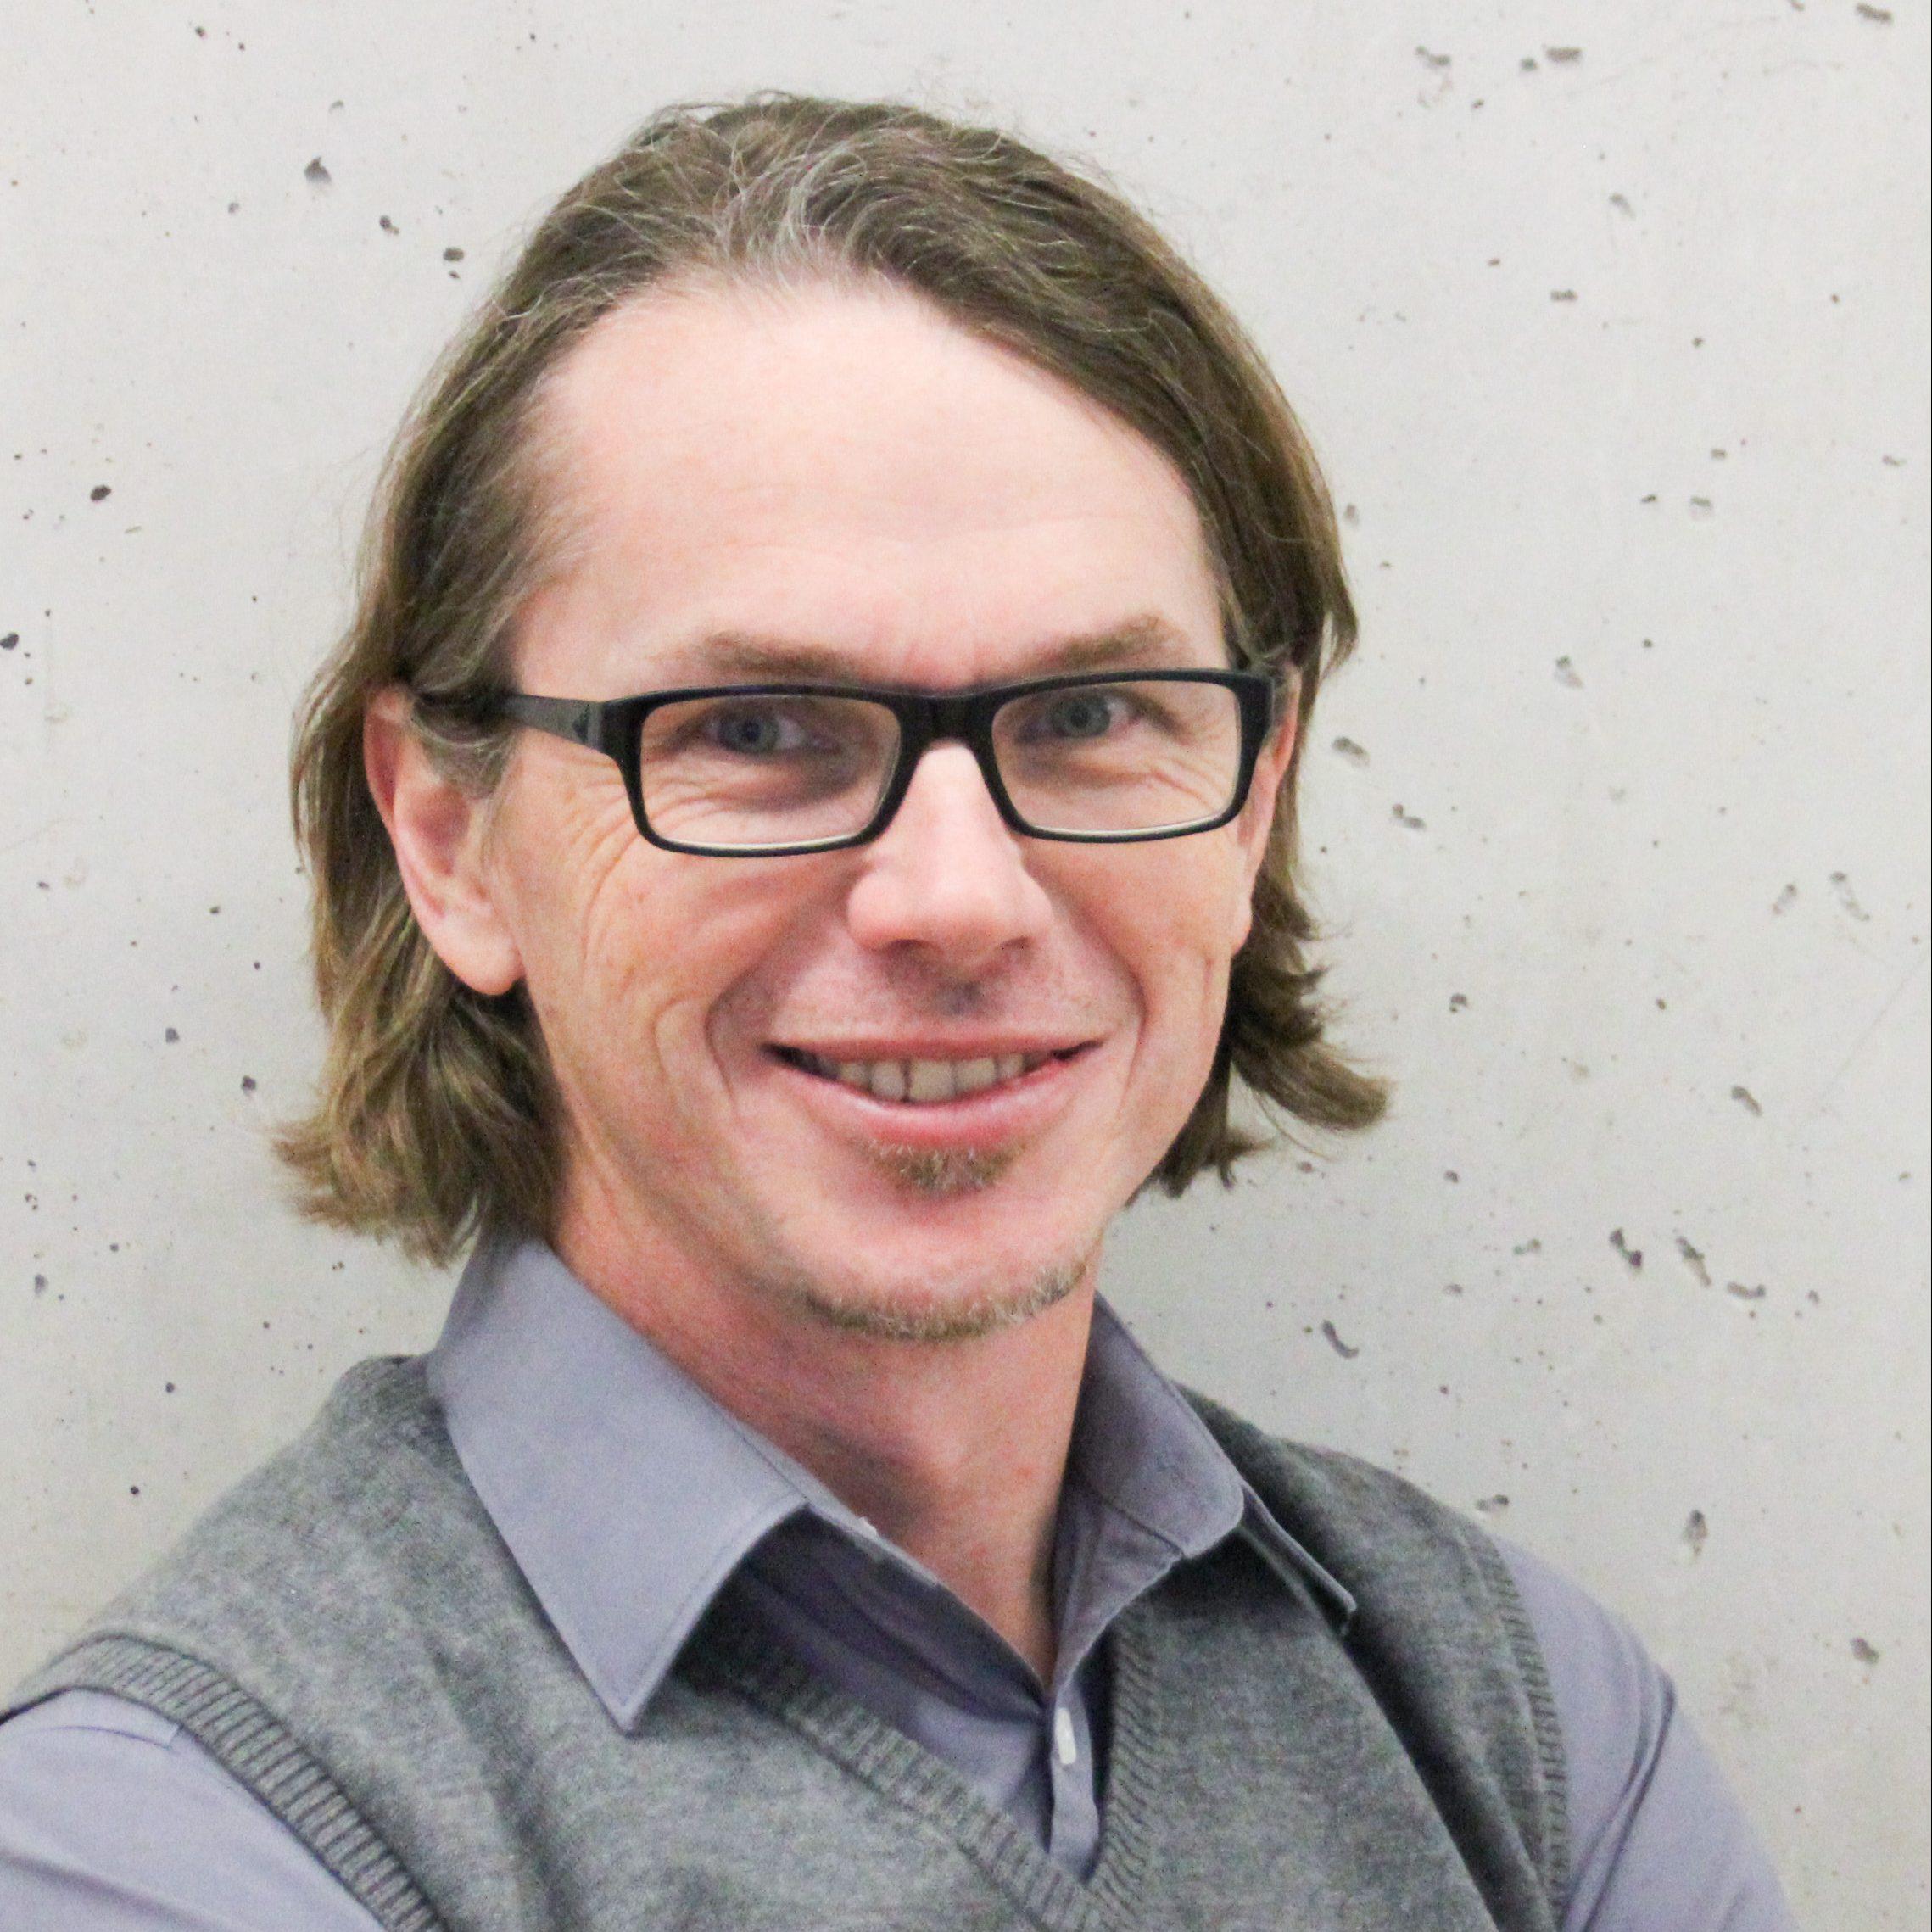 Wolfgang Pfeifer, CEO, Kinderbüro - Die Lobby für Menschen bis 14, Austria